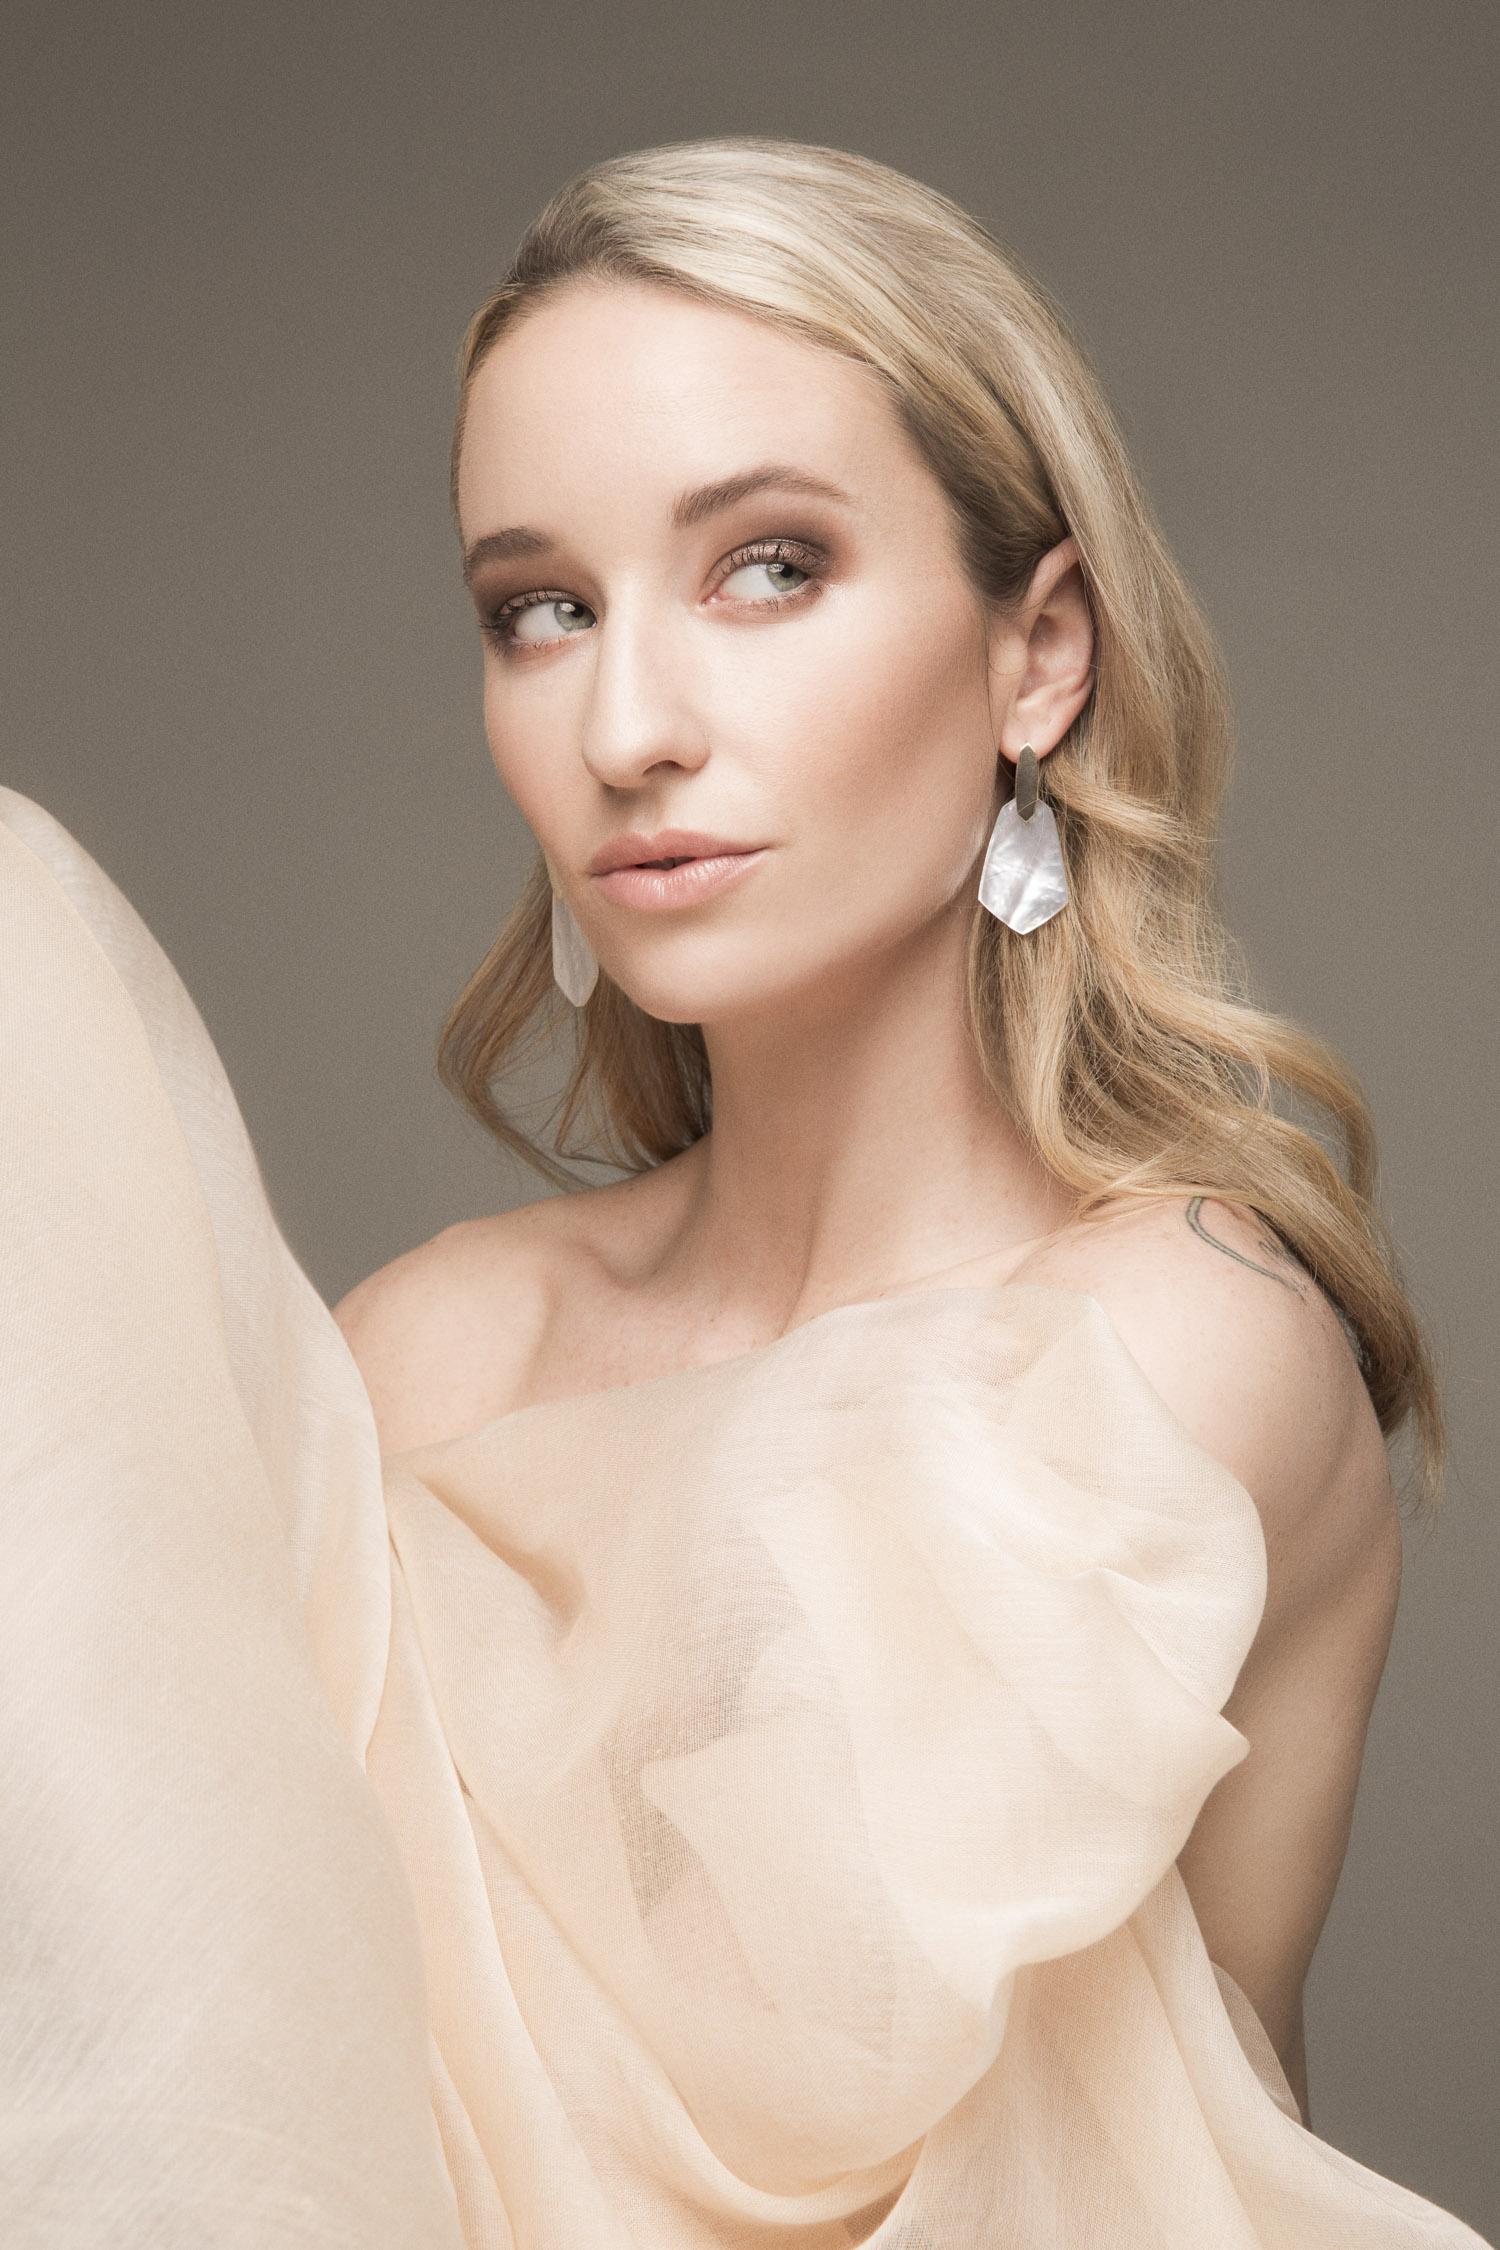 Beauty portrait of a woman wearing Kendra Scott earrings